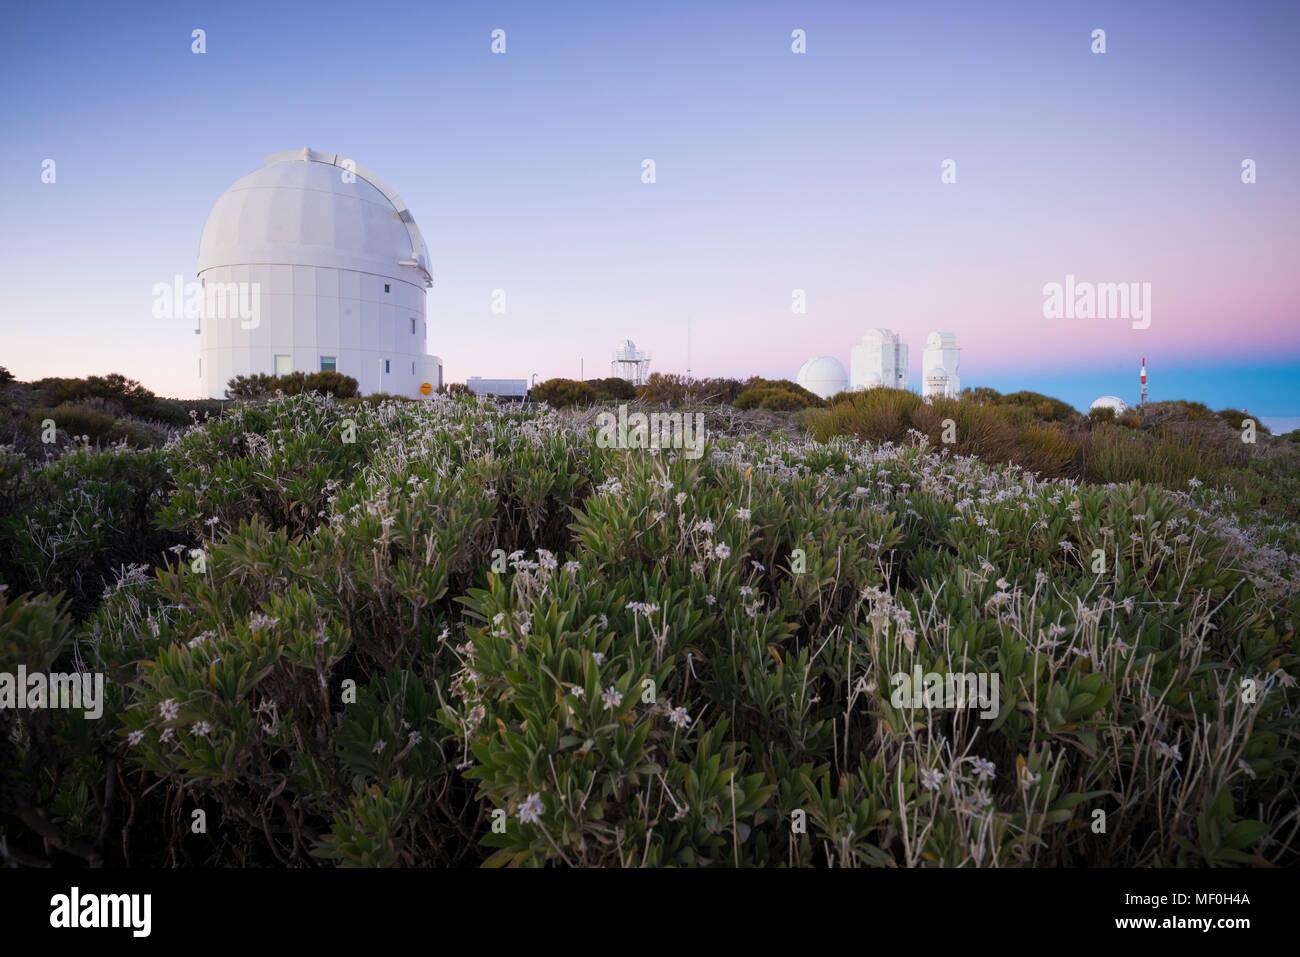 España, Islas Canarias, Tenerife, Observatorio del Teide Imagen De Stock